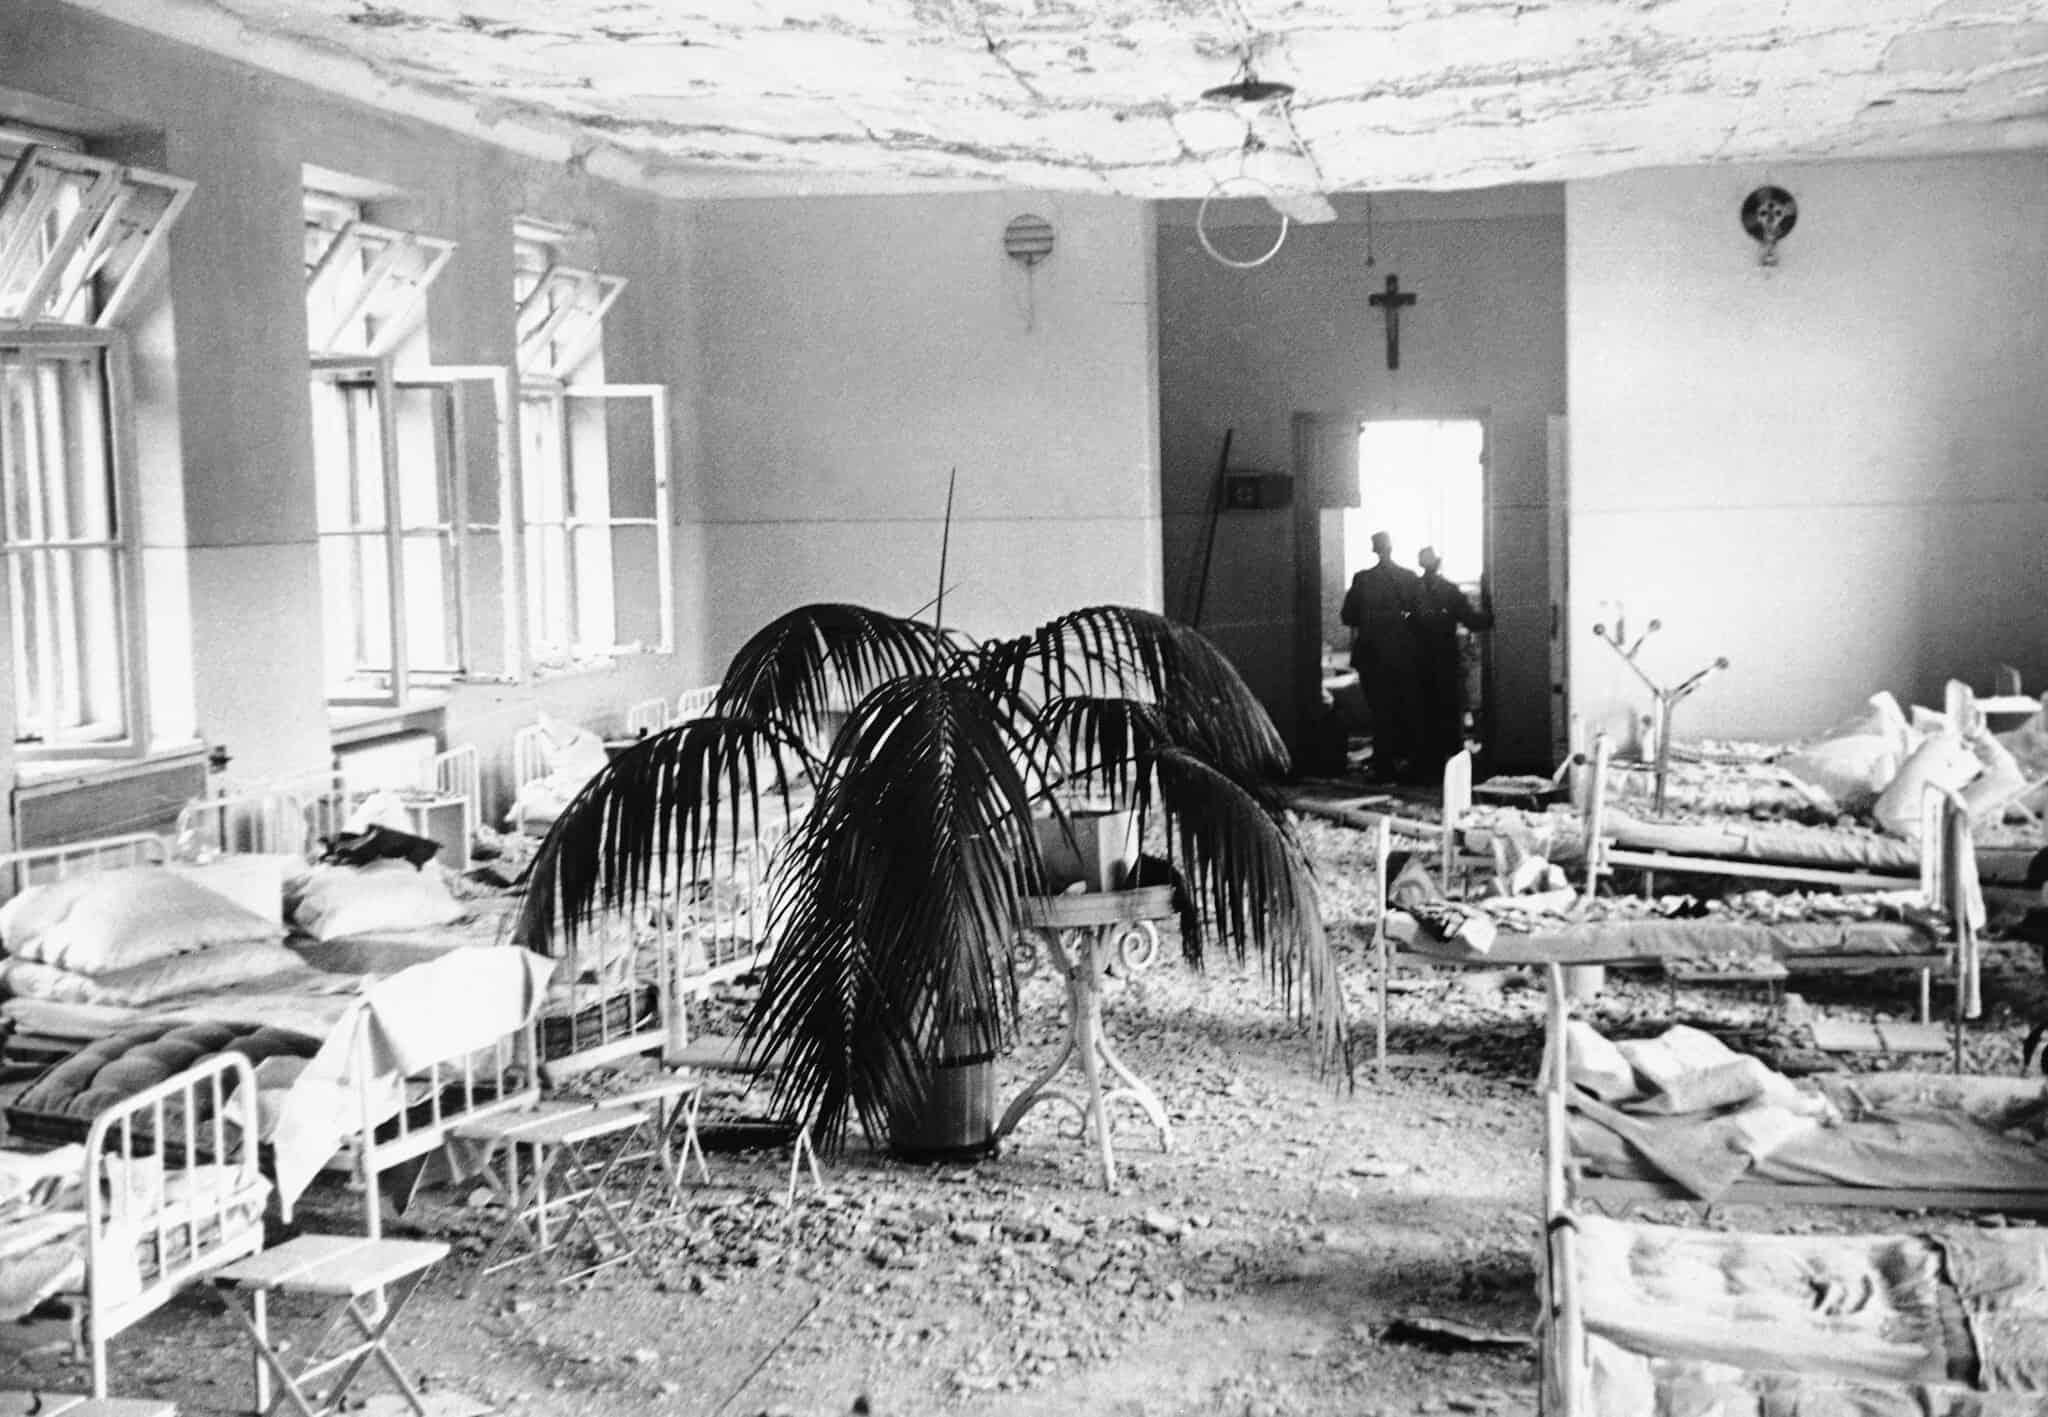 בית חולים בוורשה, לאחר שהופצץ על ידי הגרמנים, 1939 (צילום: AP Photo/Julien Brya)